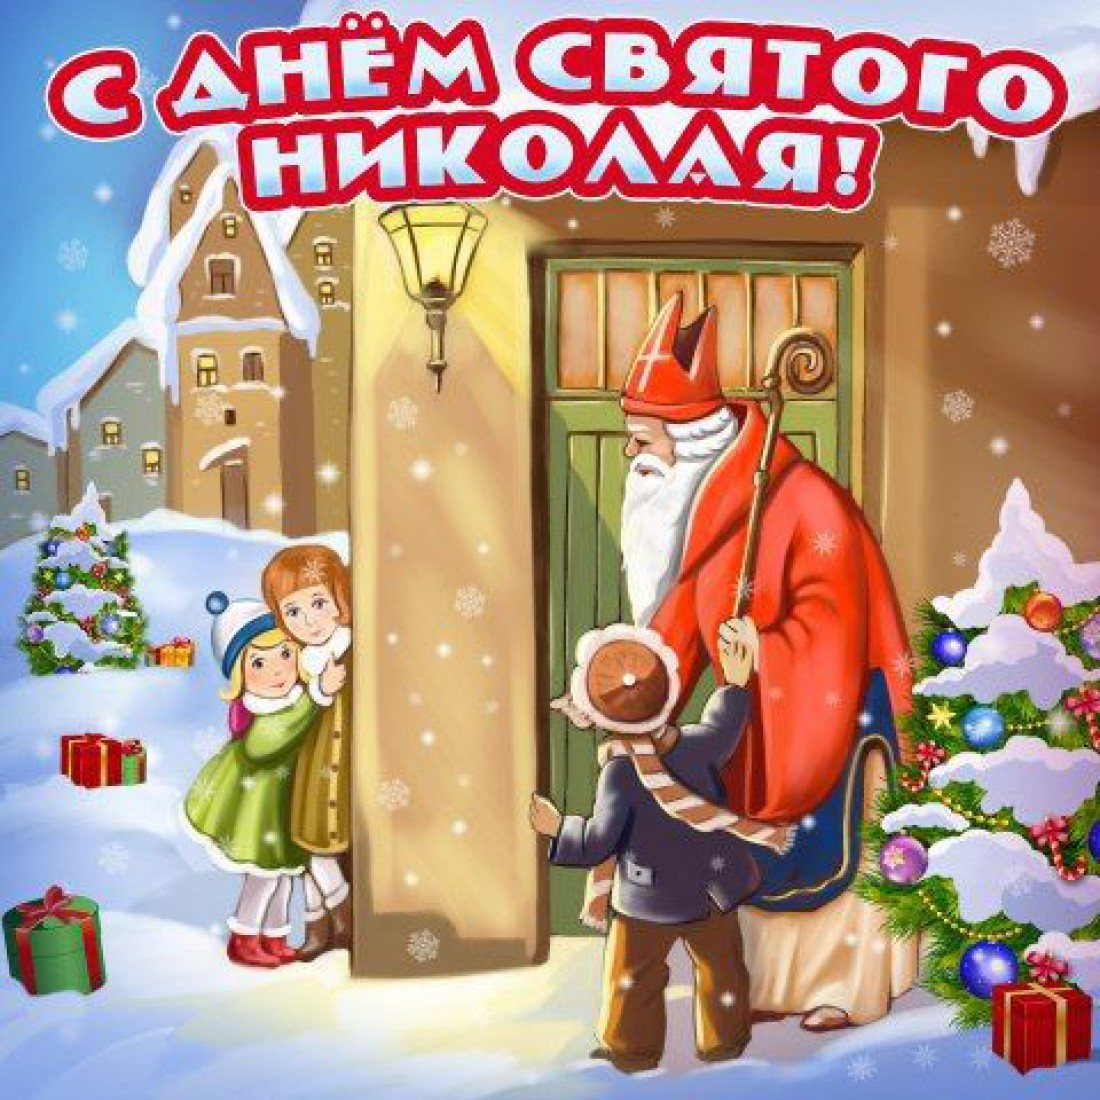 С Днем святого Николая! Поздравления в стихах и открытках